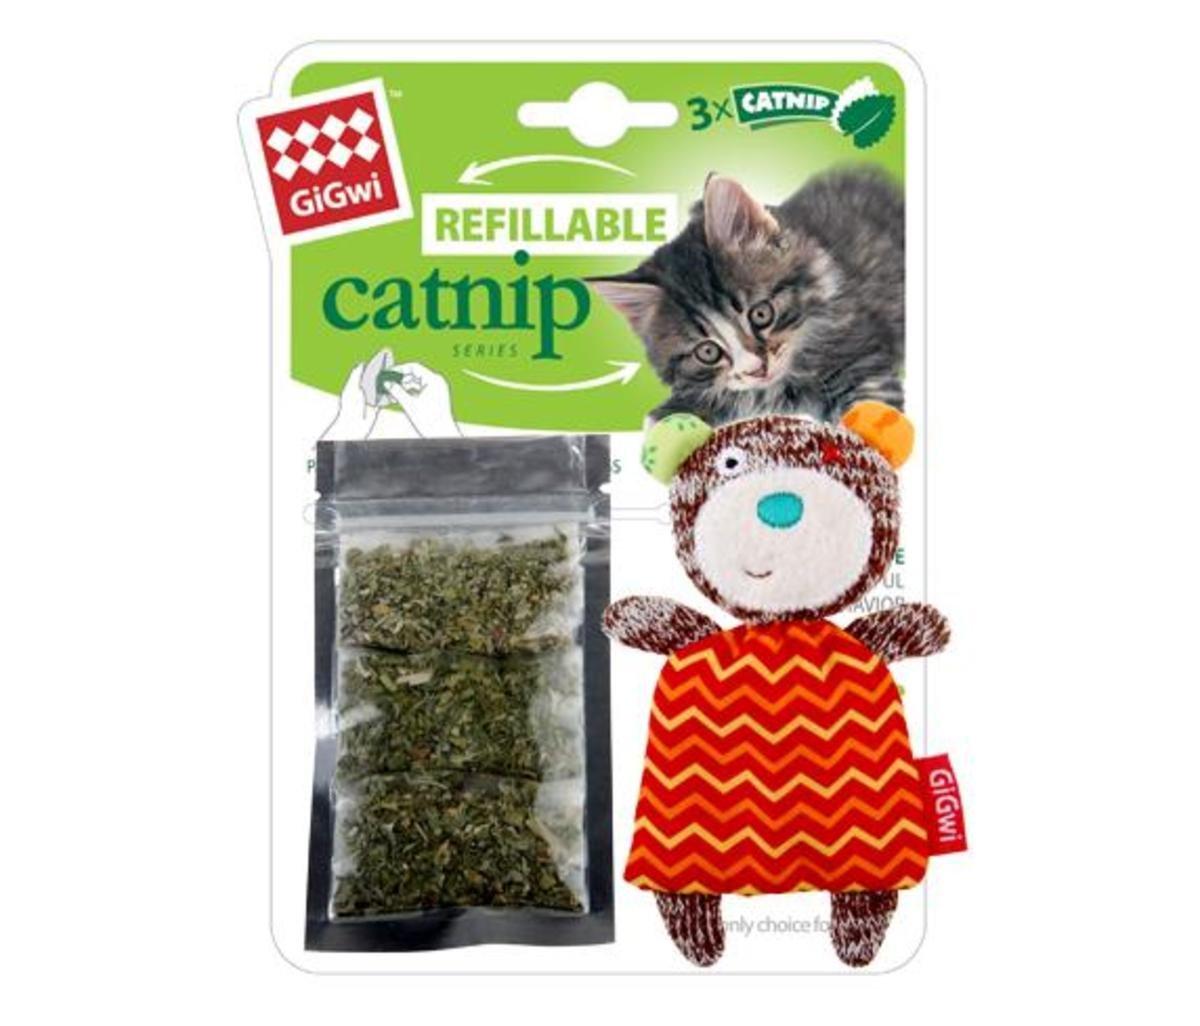 熊熊針織公仔貓玩具連貓草